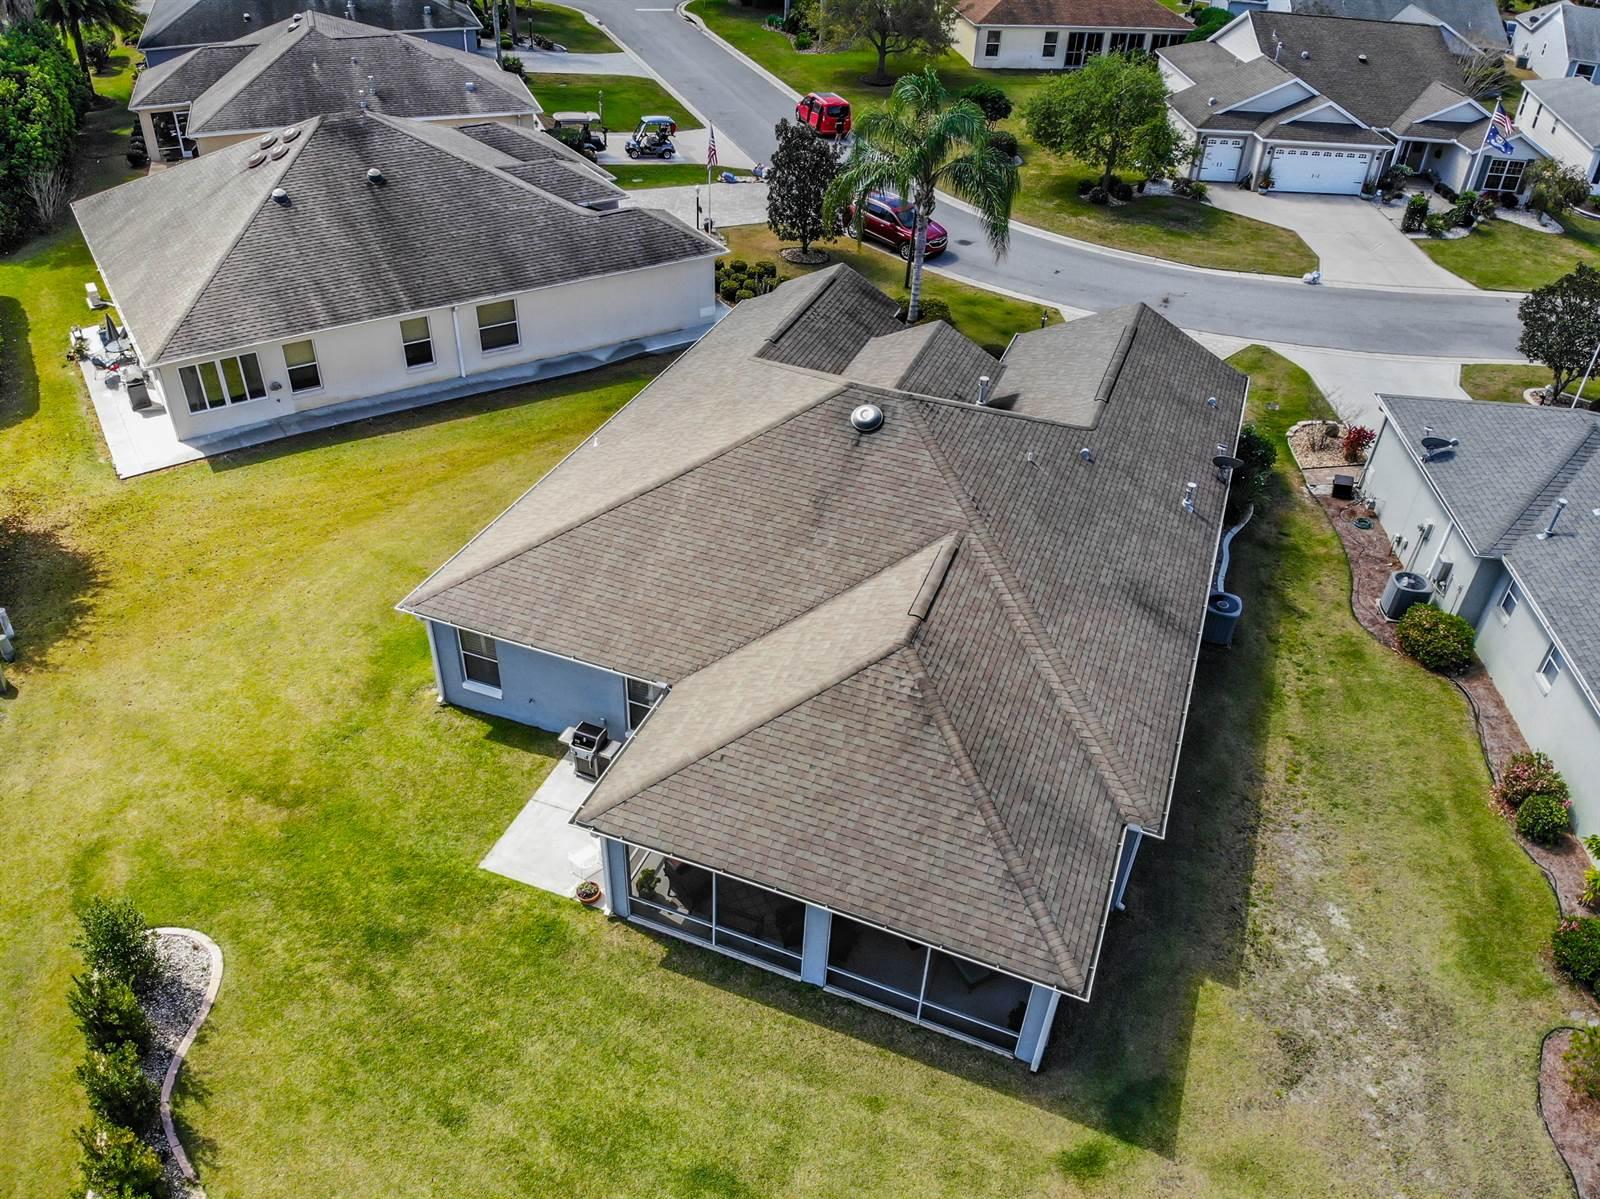 461 Cokesbury Drive, The Villages, FL 32162